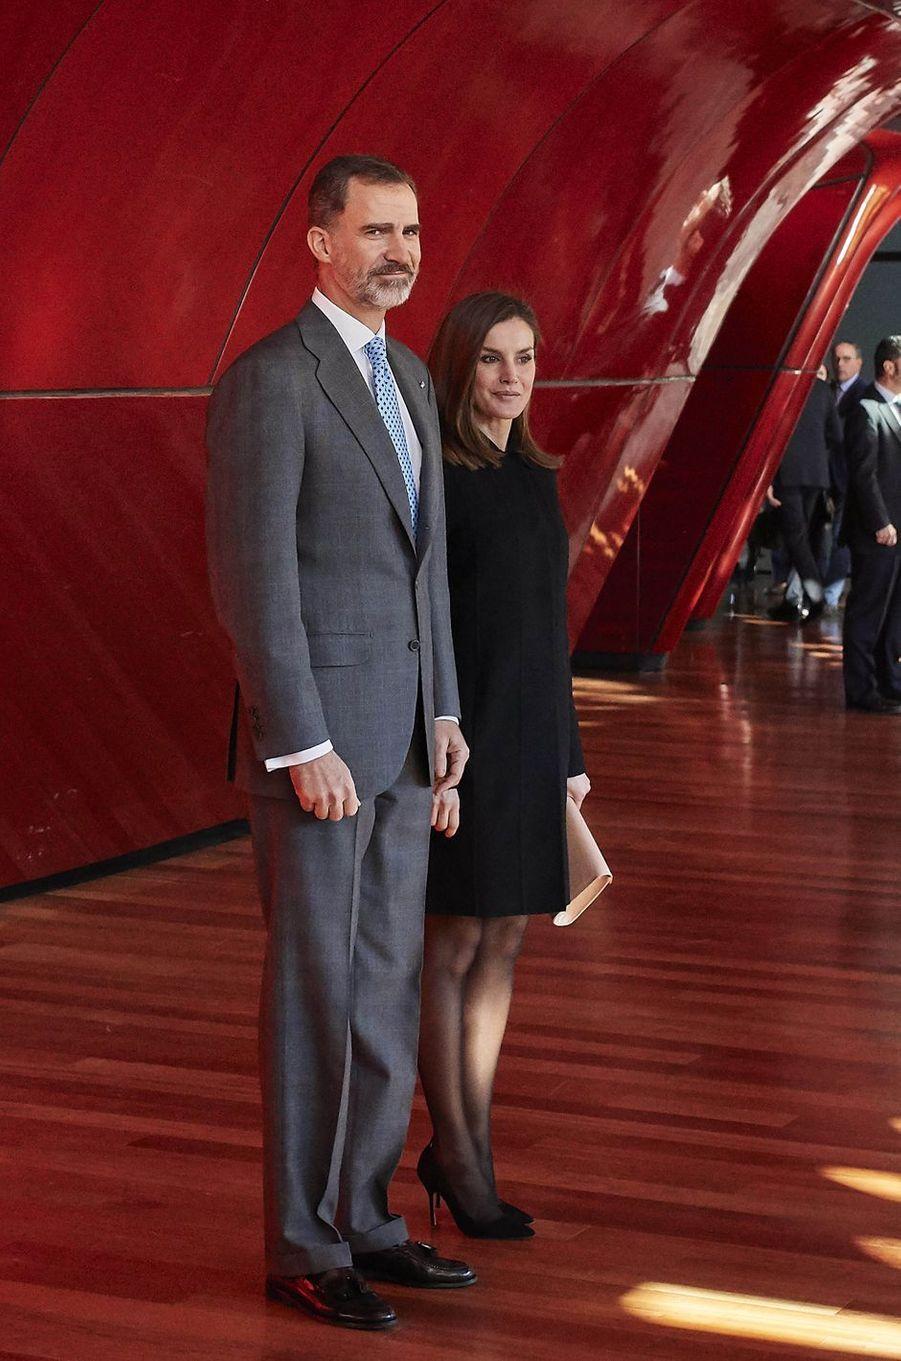 Le roi Felipe VI et la reine Letizia d'Espagne à Madrid, le 15 janvier 2018